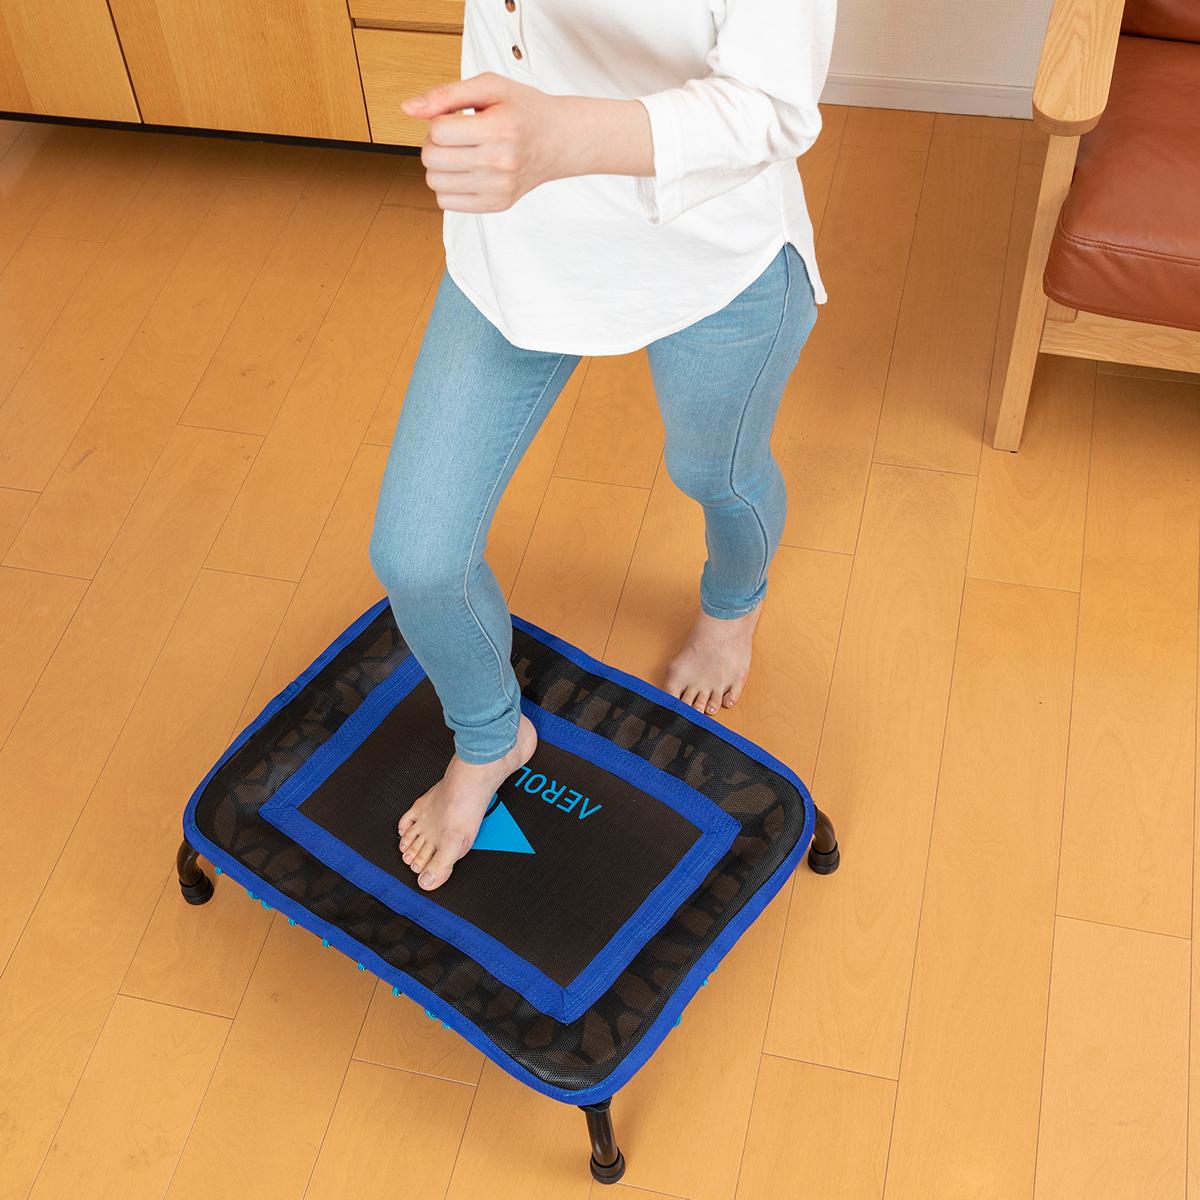 ほかにも、お腹のでっぱりが気になる人は、ジャンプして着地時に上半身を大きくひねる「ツイスト運動」も。ミニサイズのトランポリン「ミニジャンパー」|AEROLIFE(エアロライフ)